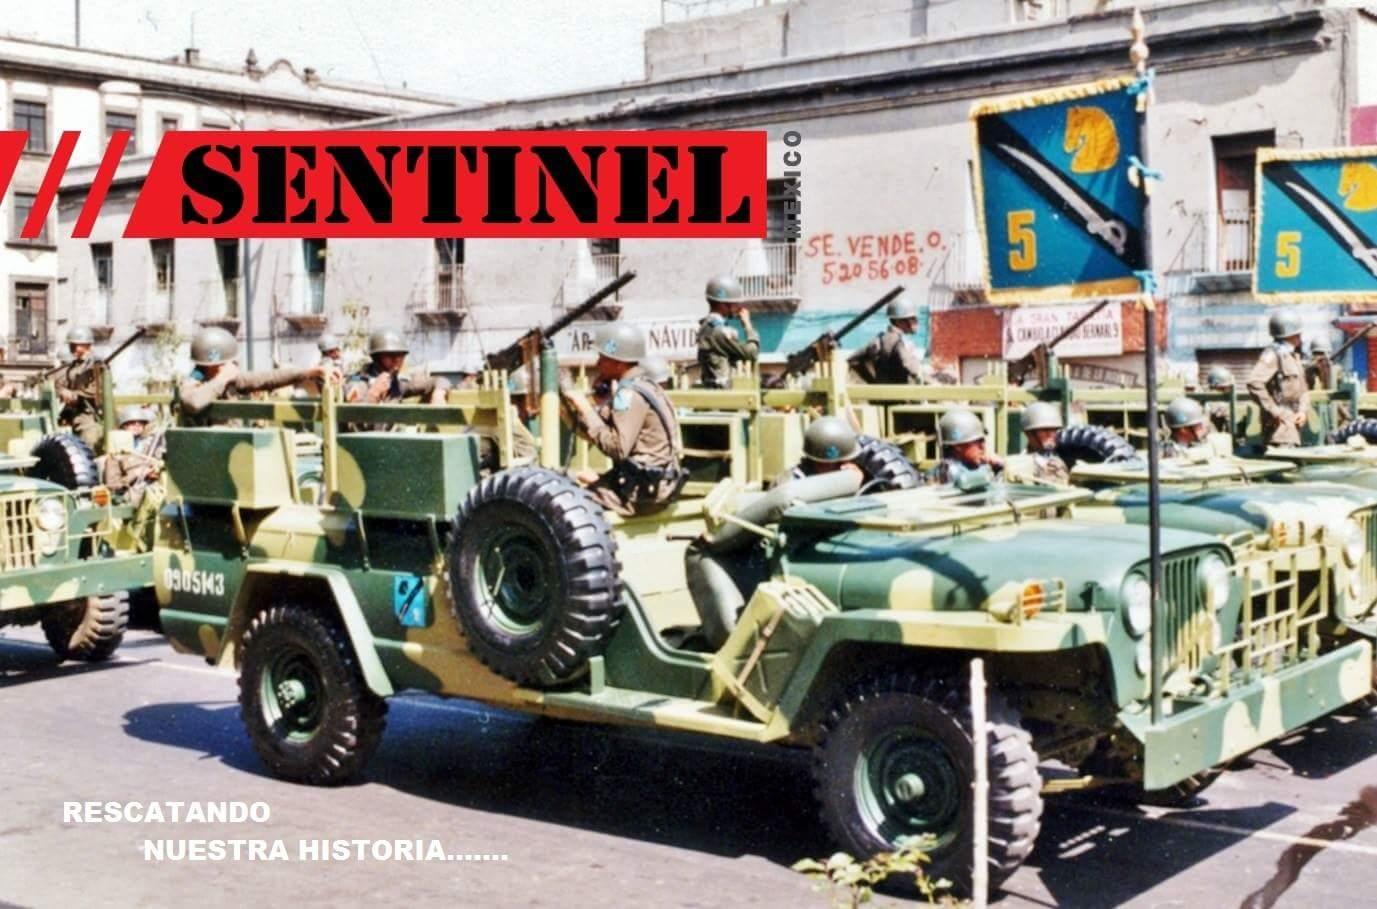 fotos vintage de las Fuerzas armadas mexicanas - Página 8 1z6uweg